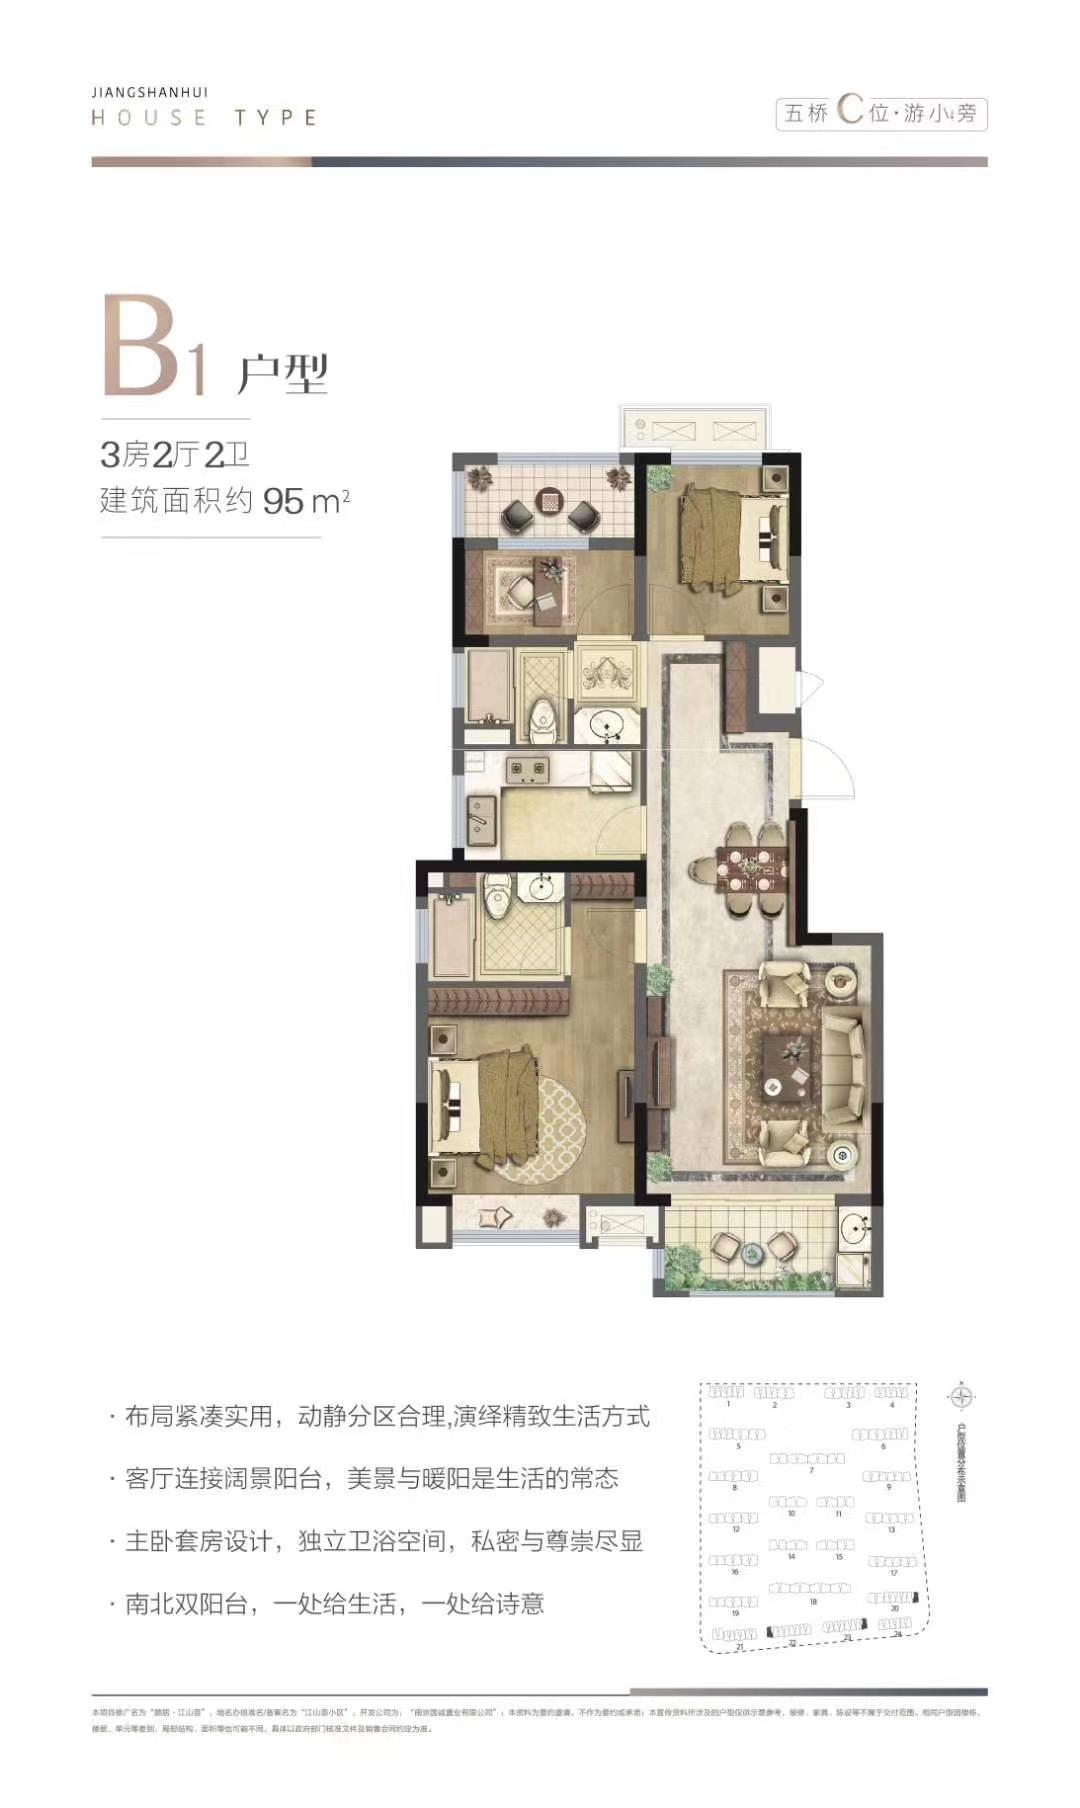 江山薈B1户型图95㎡